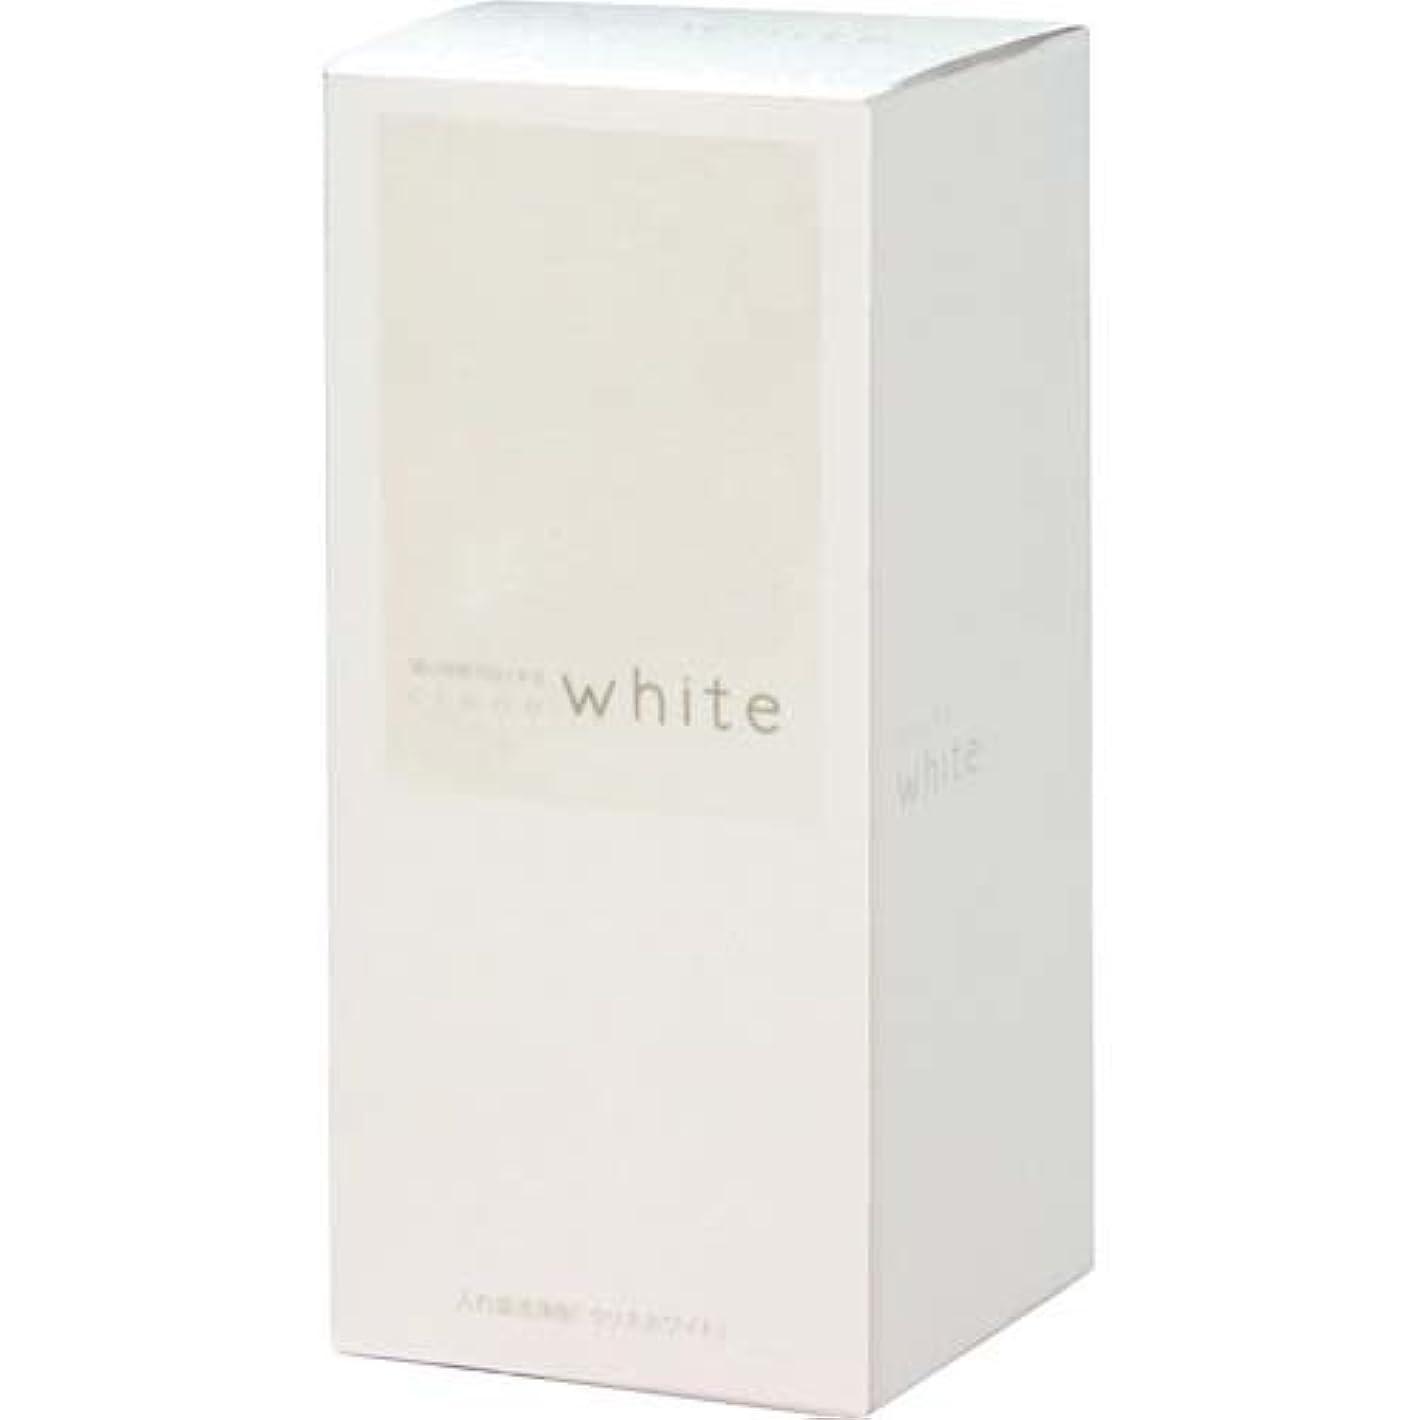 キリスト新着挽く短い時間で白くする 強力入れ歯洗浄剤 クリネホワイト